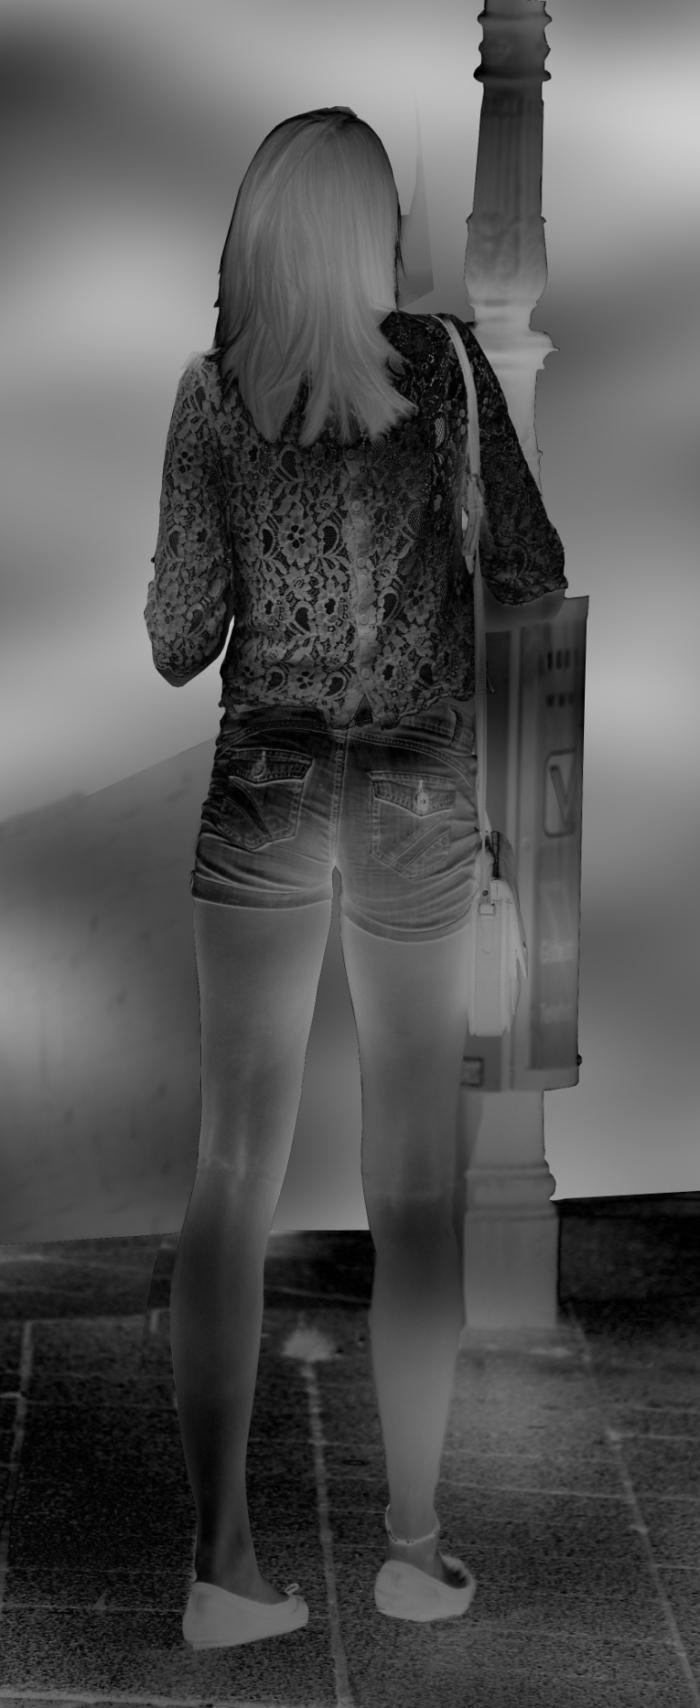 litt2 jeans hintern   mies-vandenbergh-fotografie